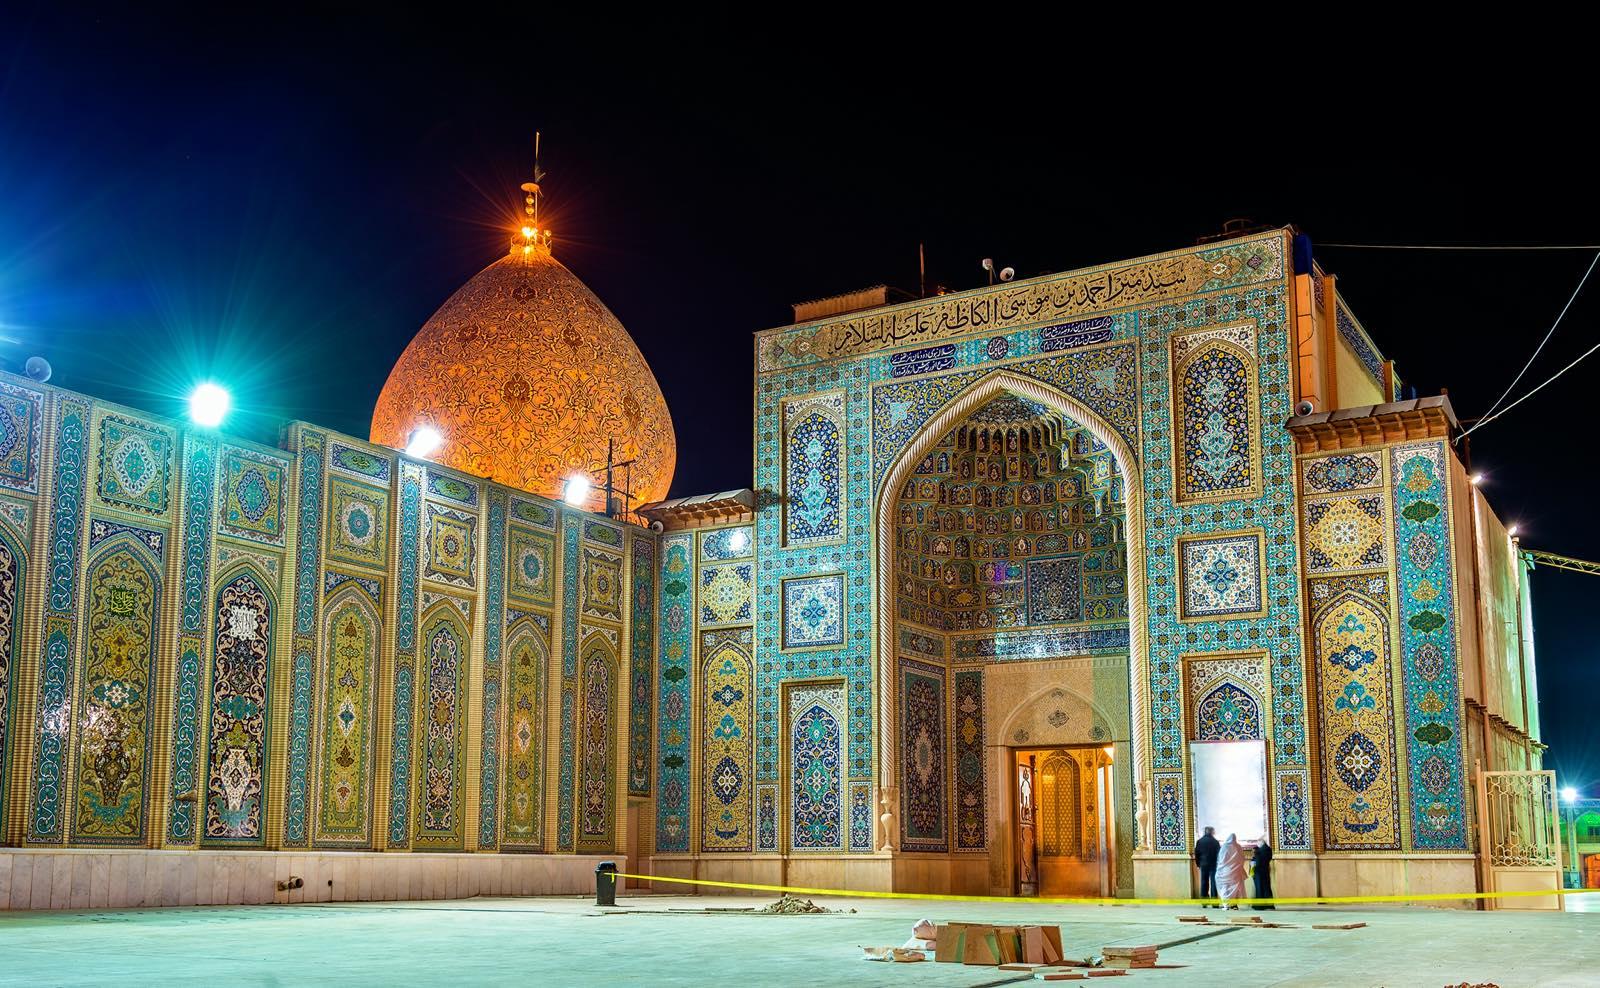 イランのシャー・チェラーグ廟